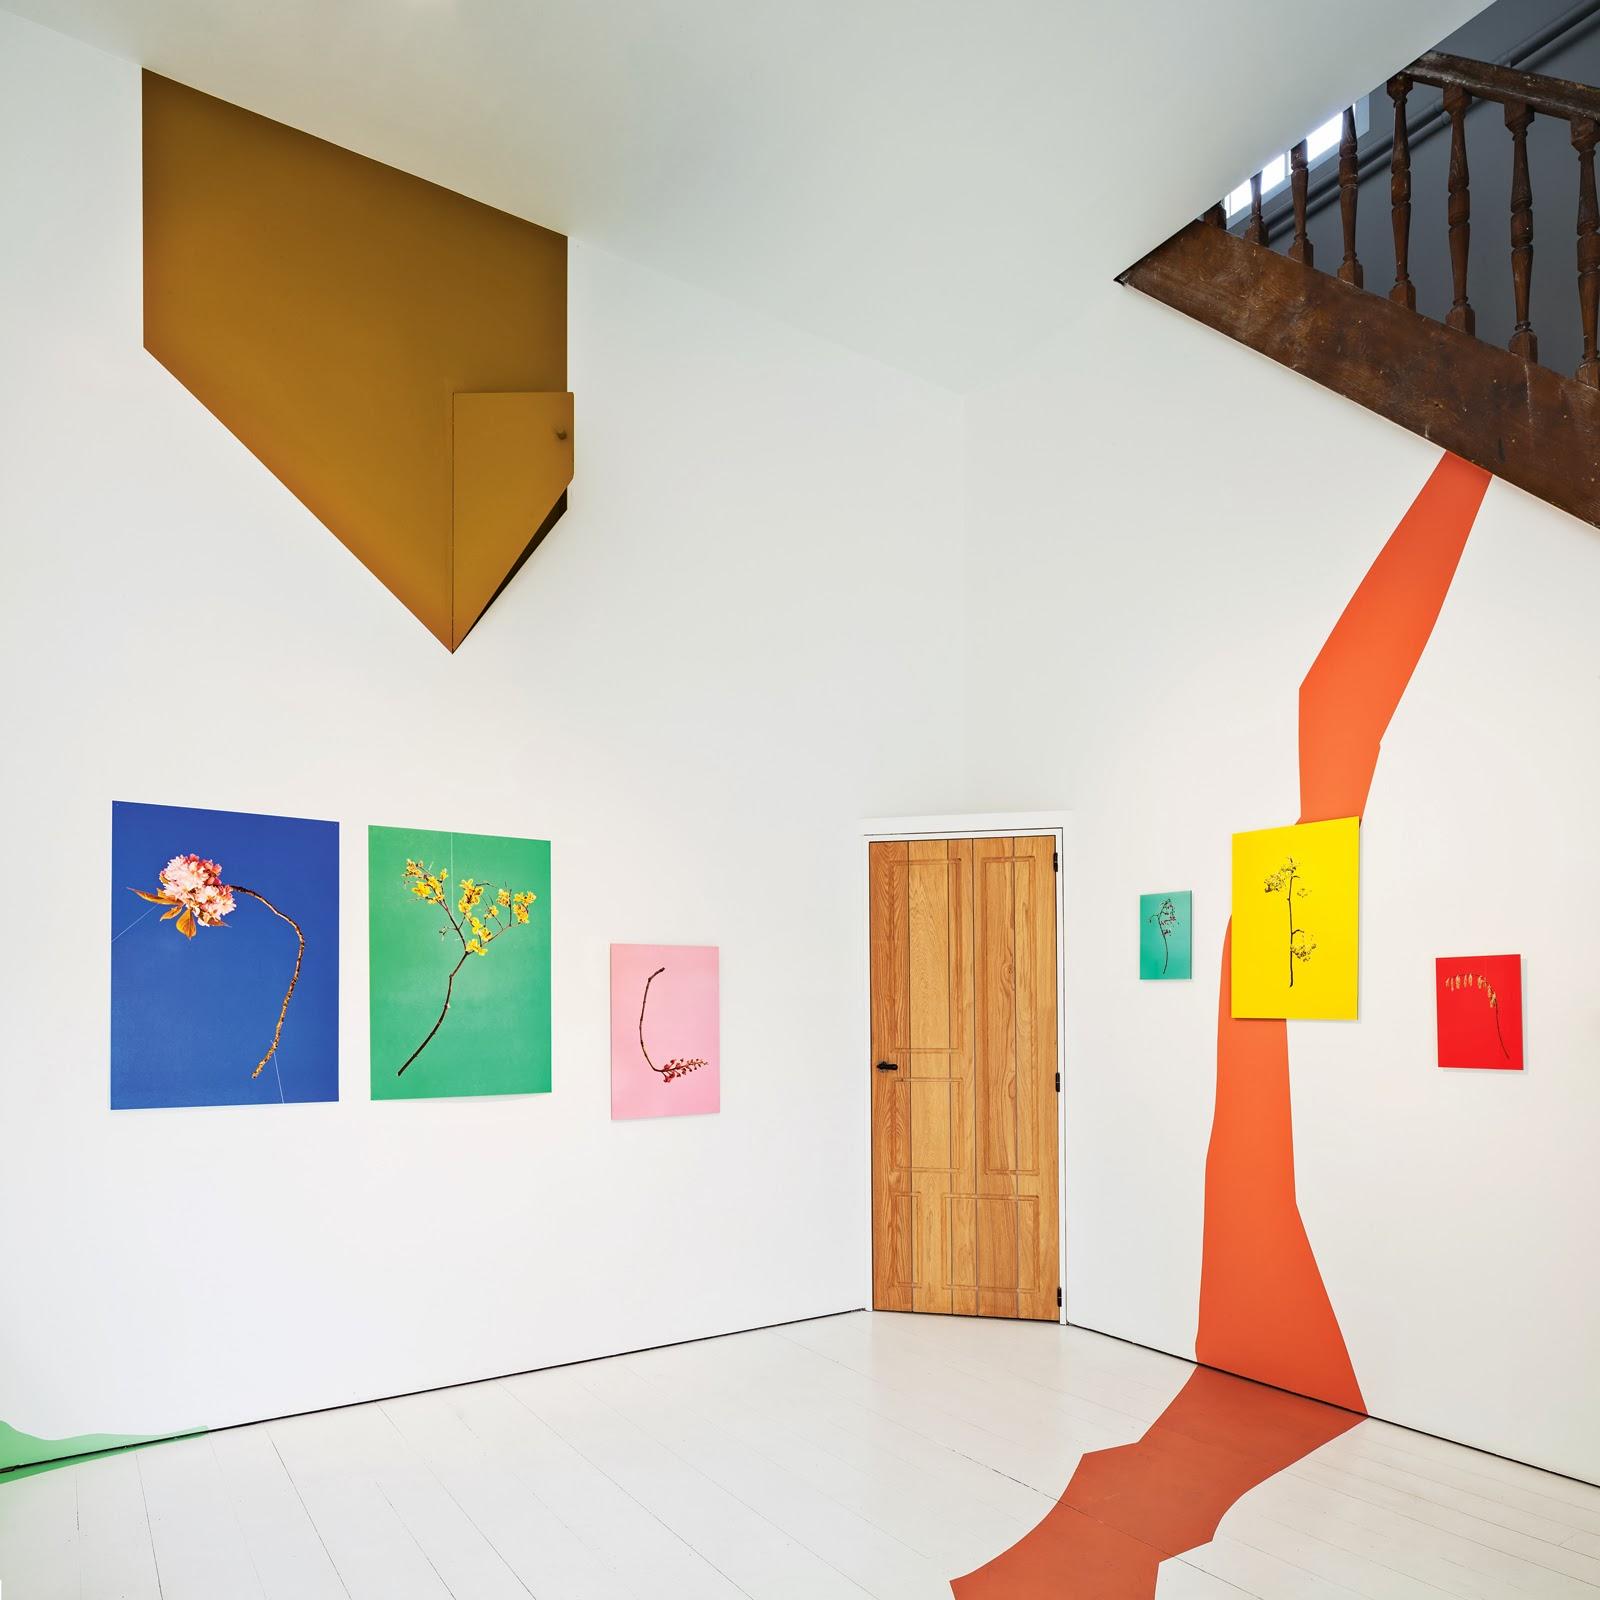 Umbau zur modernem Design in Antwerpen - Architektur und Kunst im Einklang